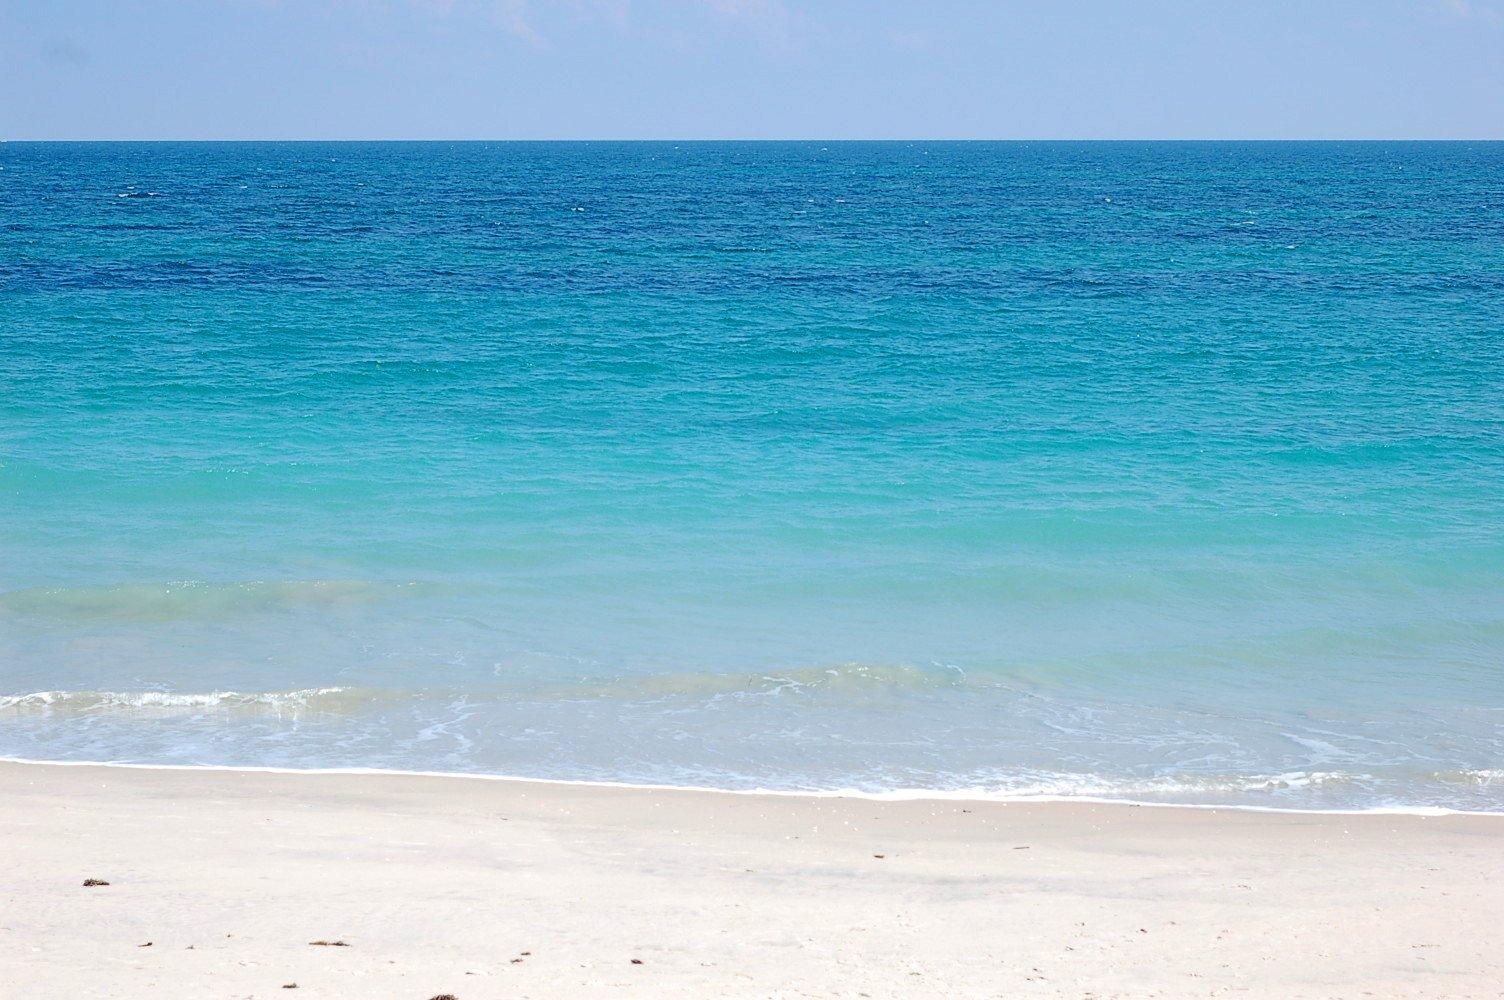 Description Florida Beach is a hi res Wallpaper for pc desktops 1504x1000